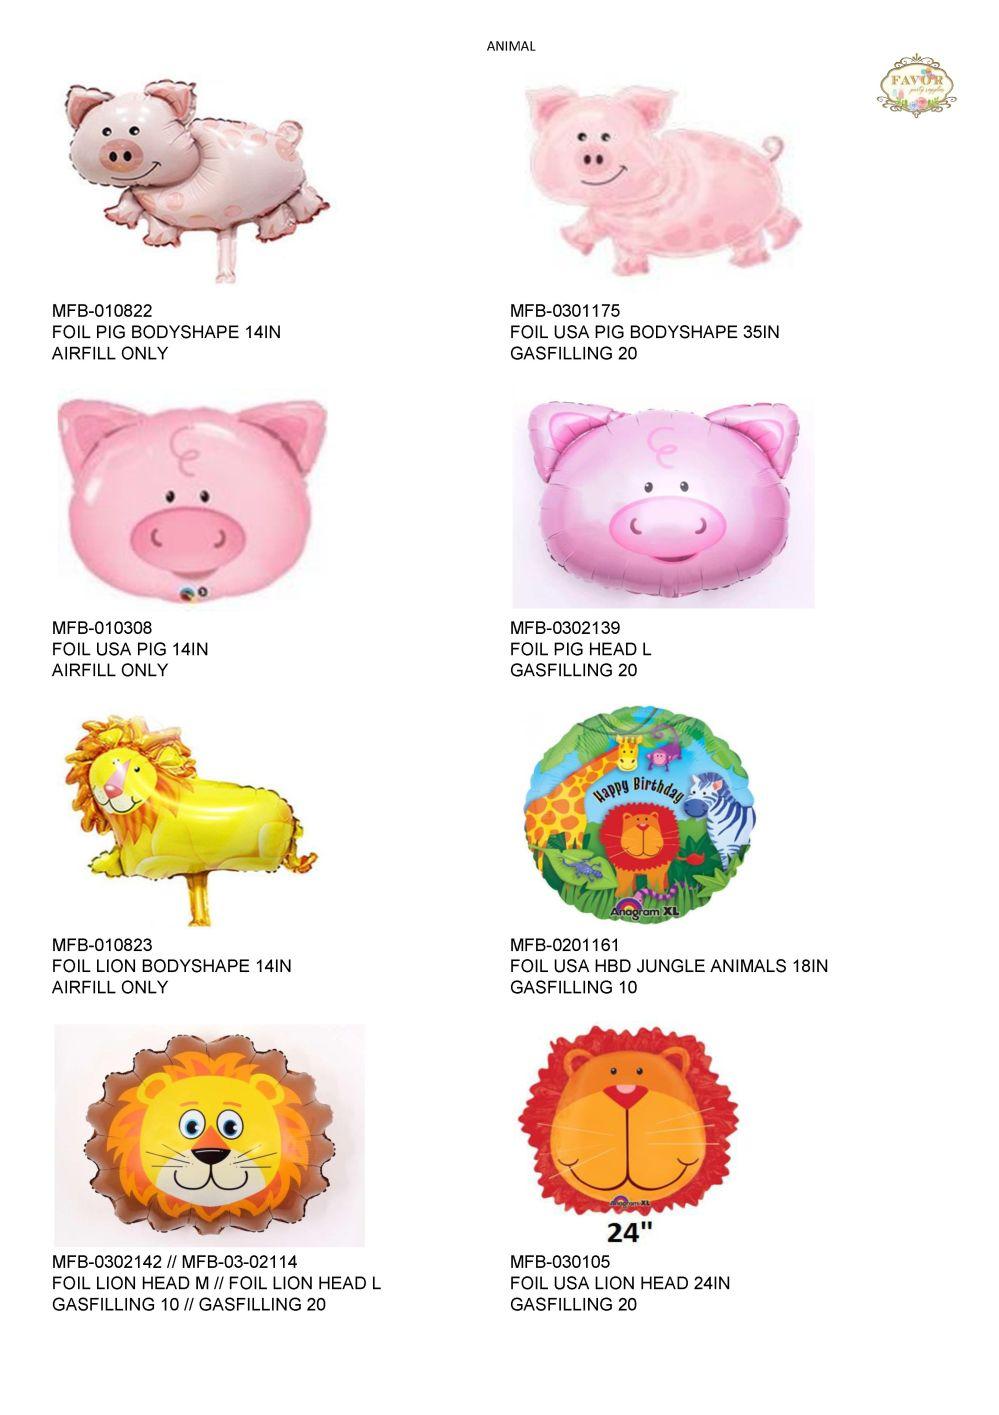 katalog-animal-and-hbd_03